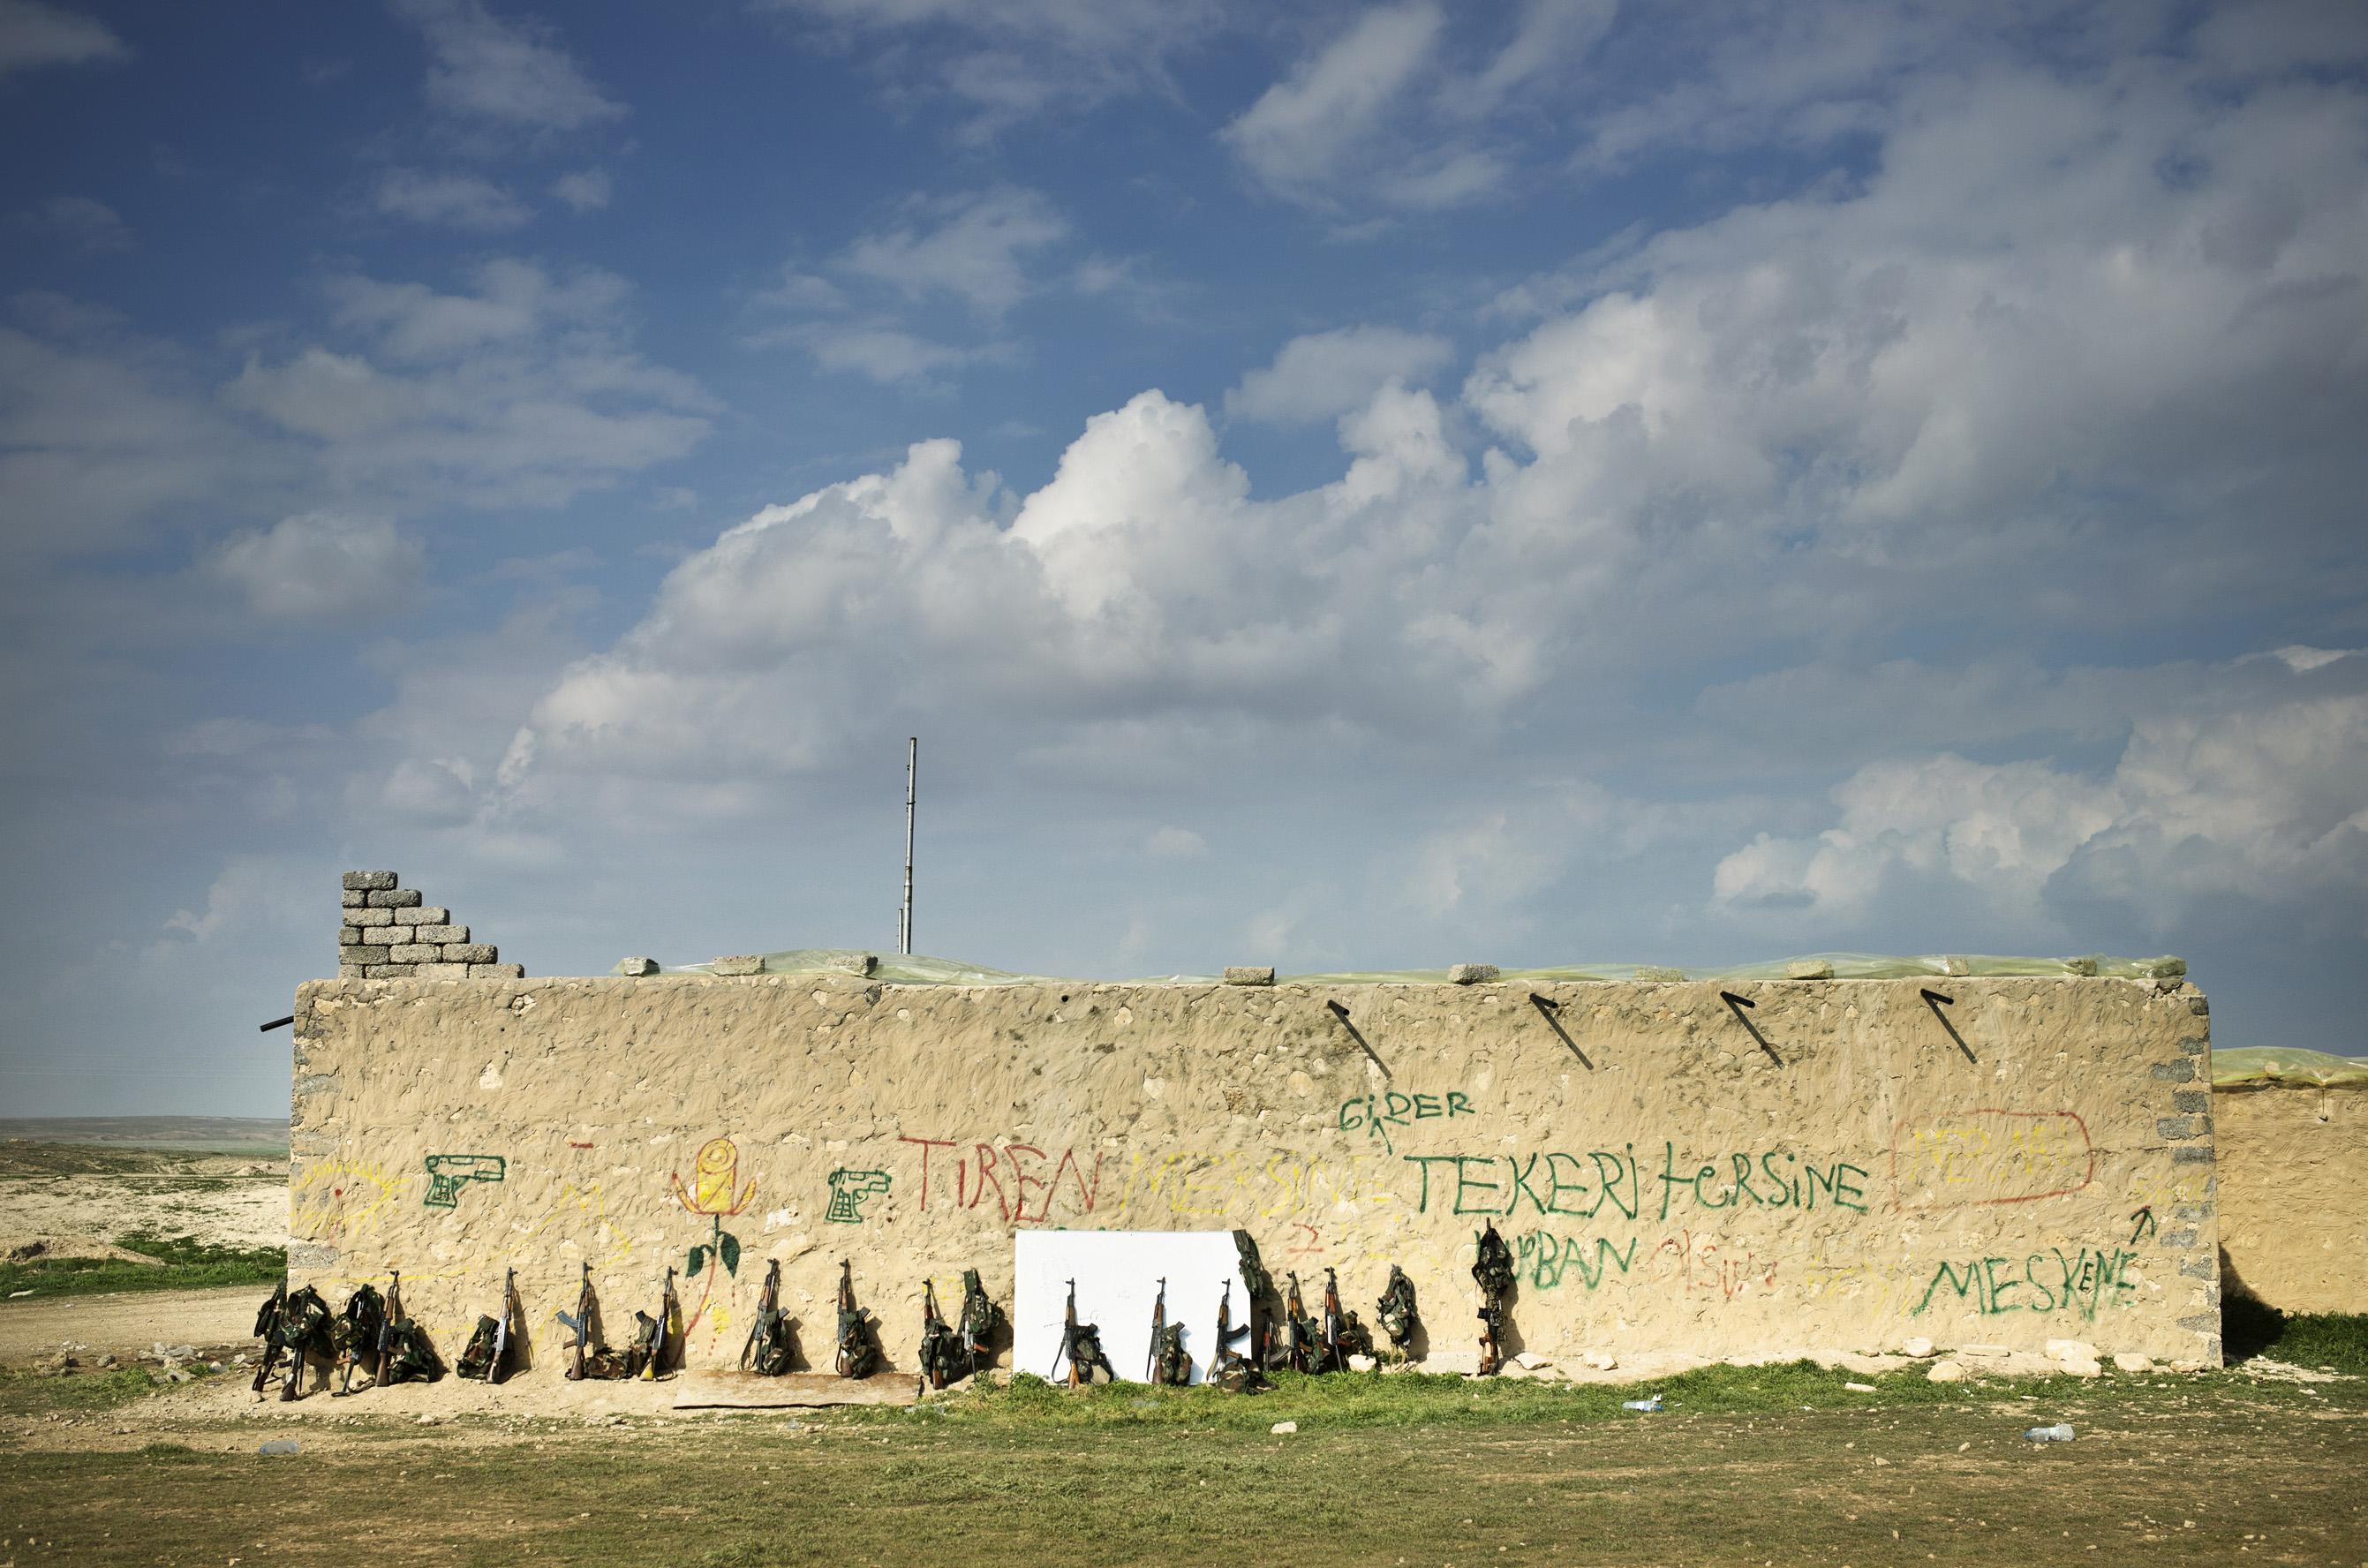 SINJAR, KURDISTAN, IRAQ- FEBRUARY, 2016: Commandante Raparin (38) a rejoint la guérilla il y a 23 ans. Aujourd'hui. elle est chargée de former toutes les nouvelles recrues Yezidies pour les combats à venir. (picture by Veronique de Viguerie/ Reportage by Getty Images )